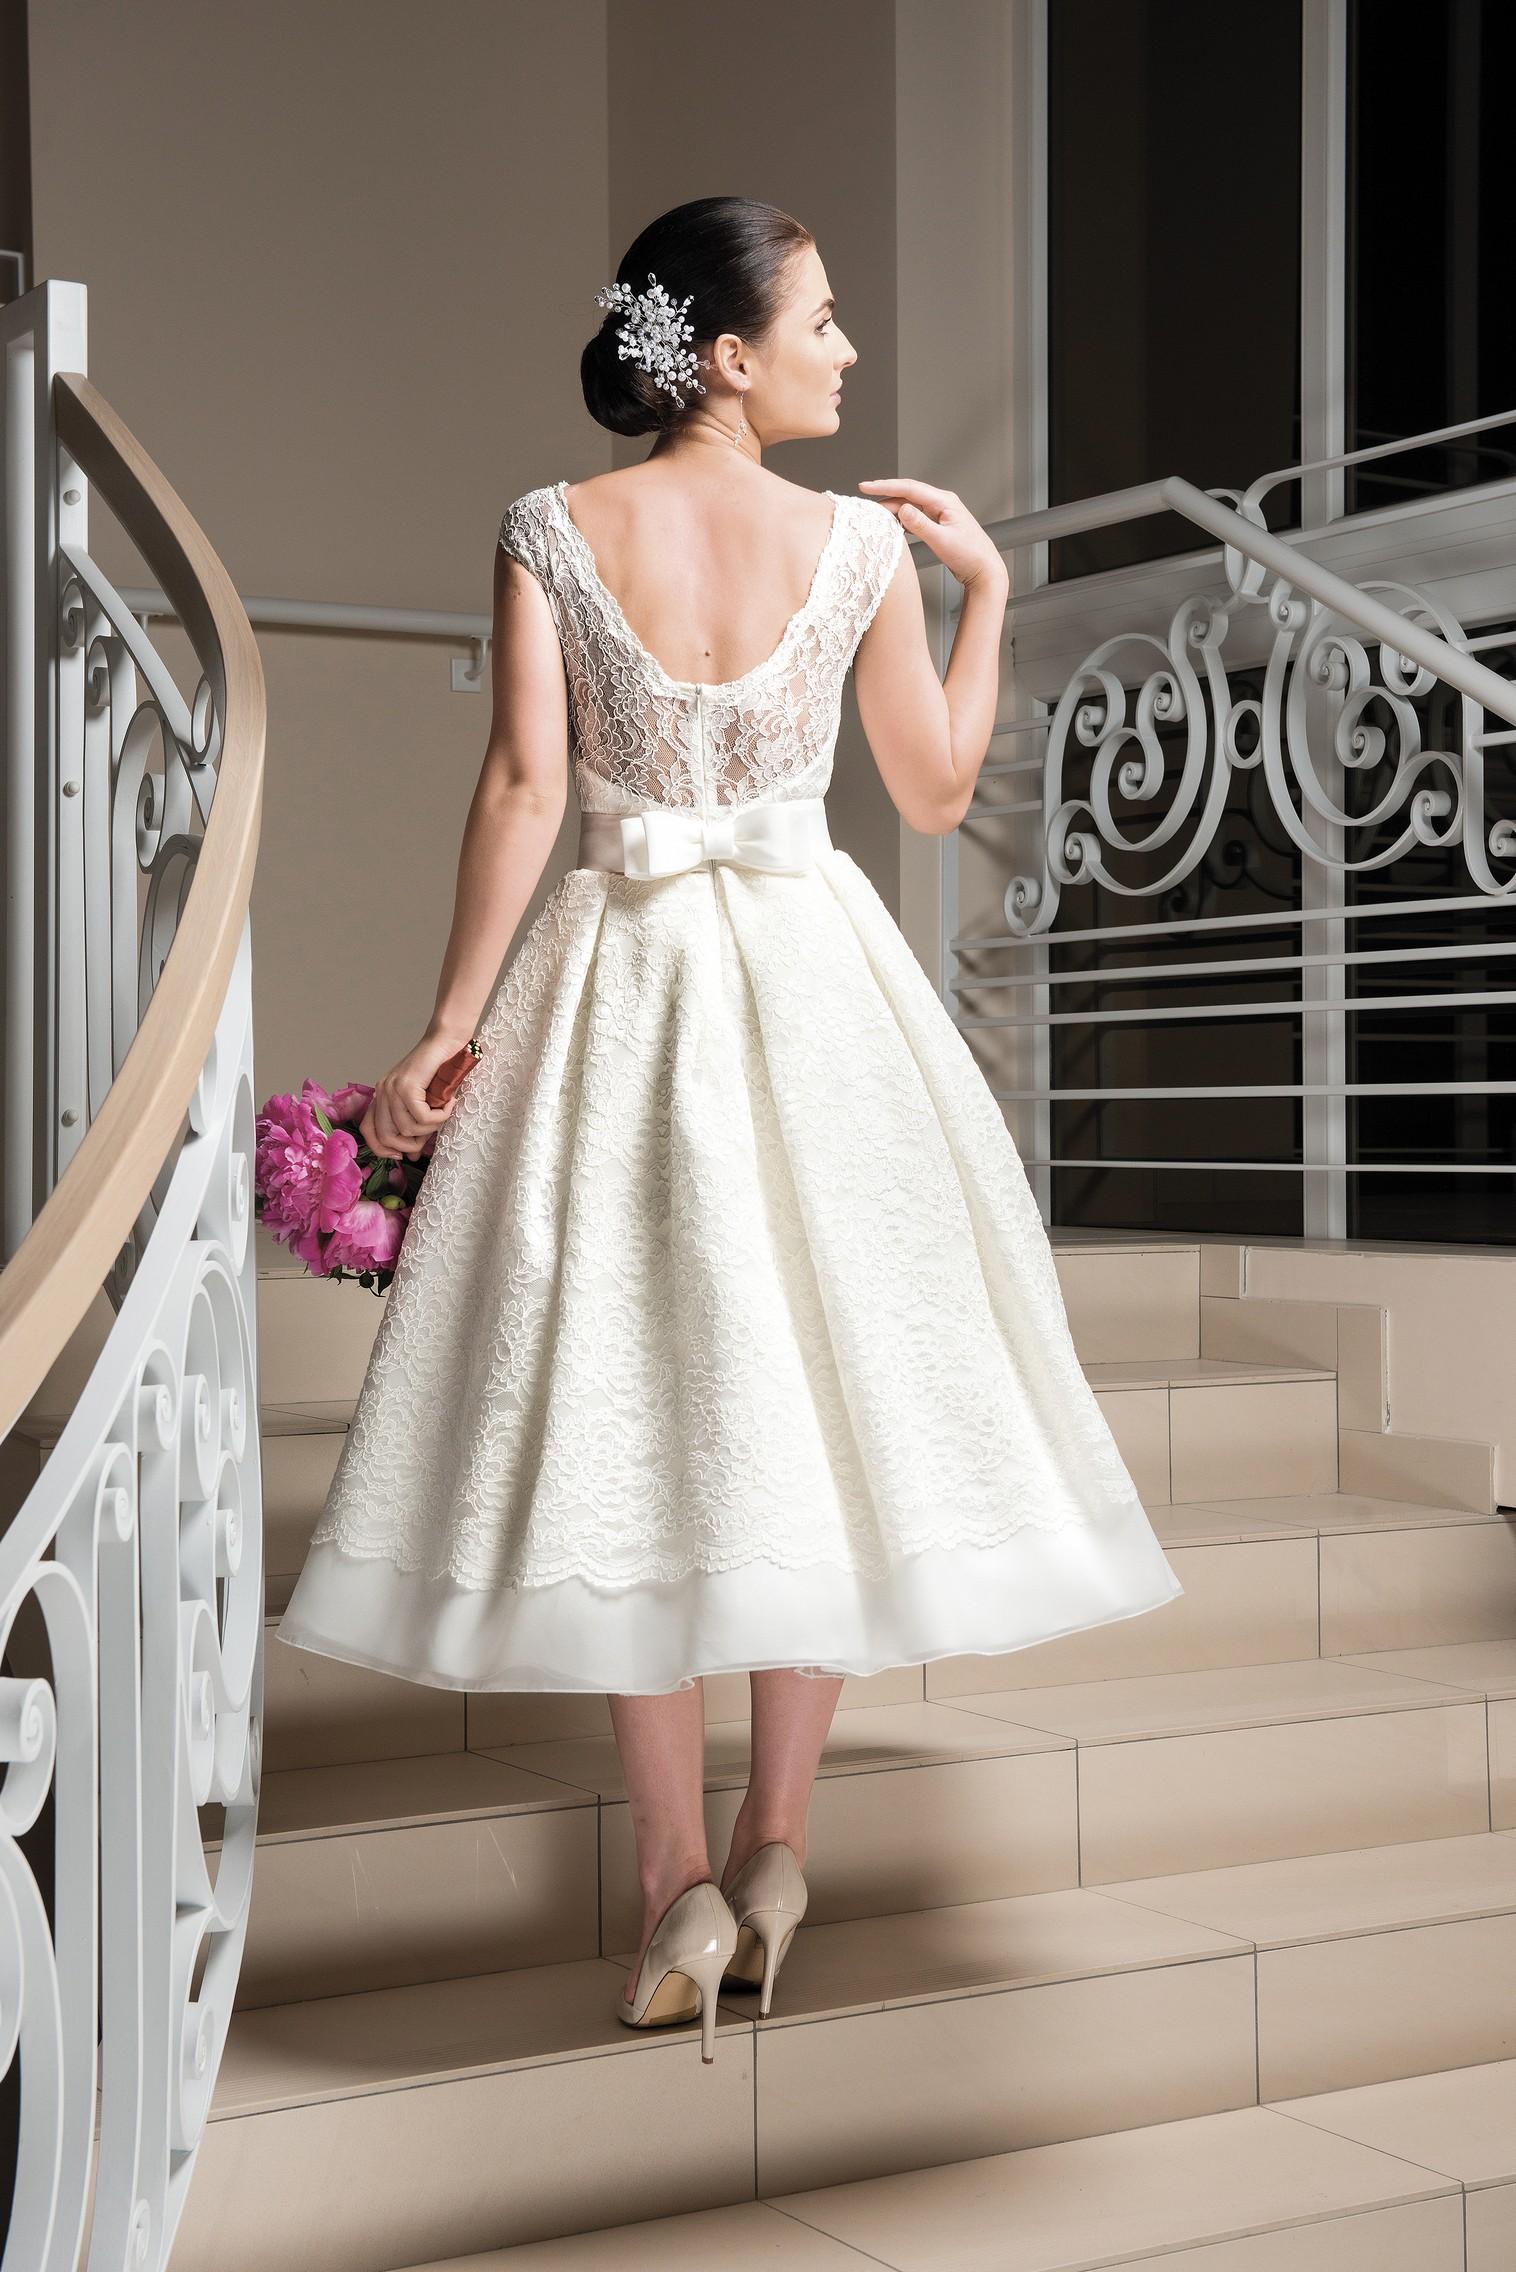 15er Jahre Brautkleid aus schönster Spitze - Kleiderfreuden